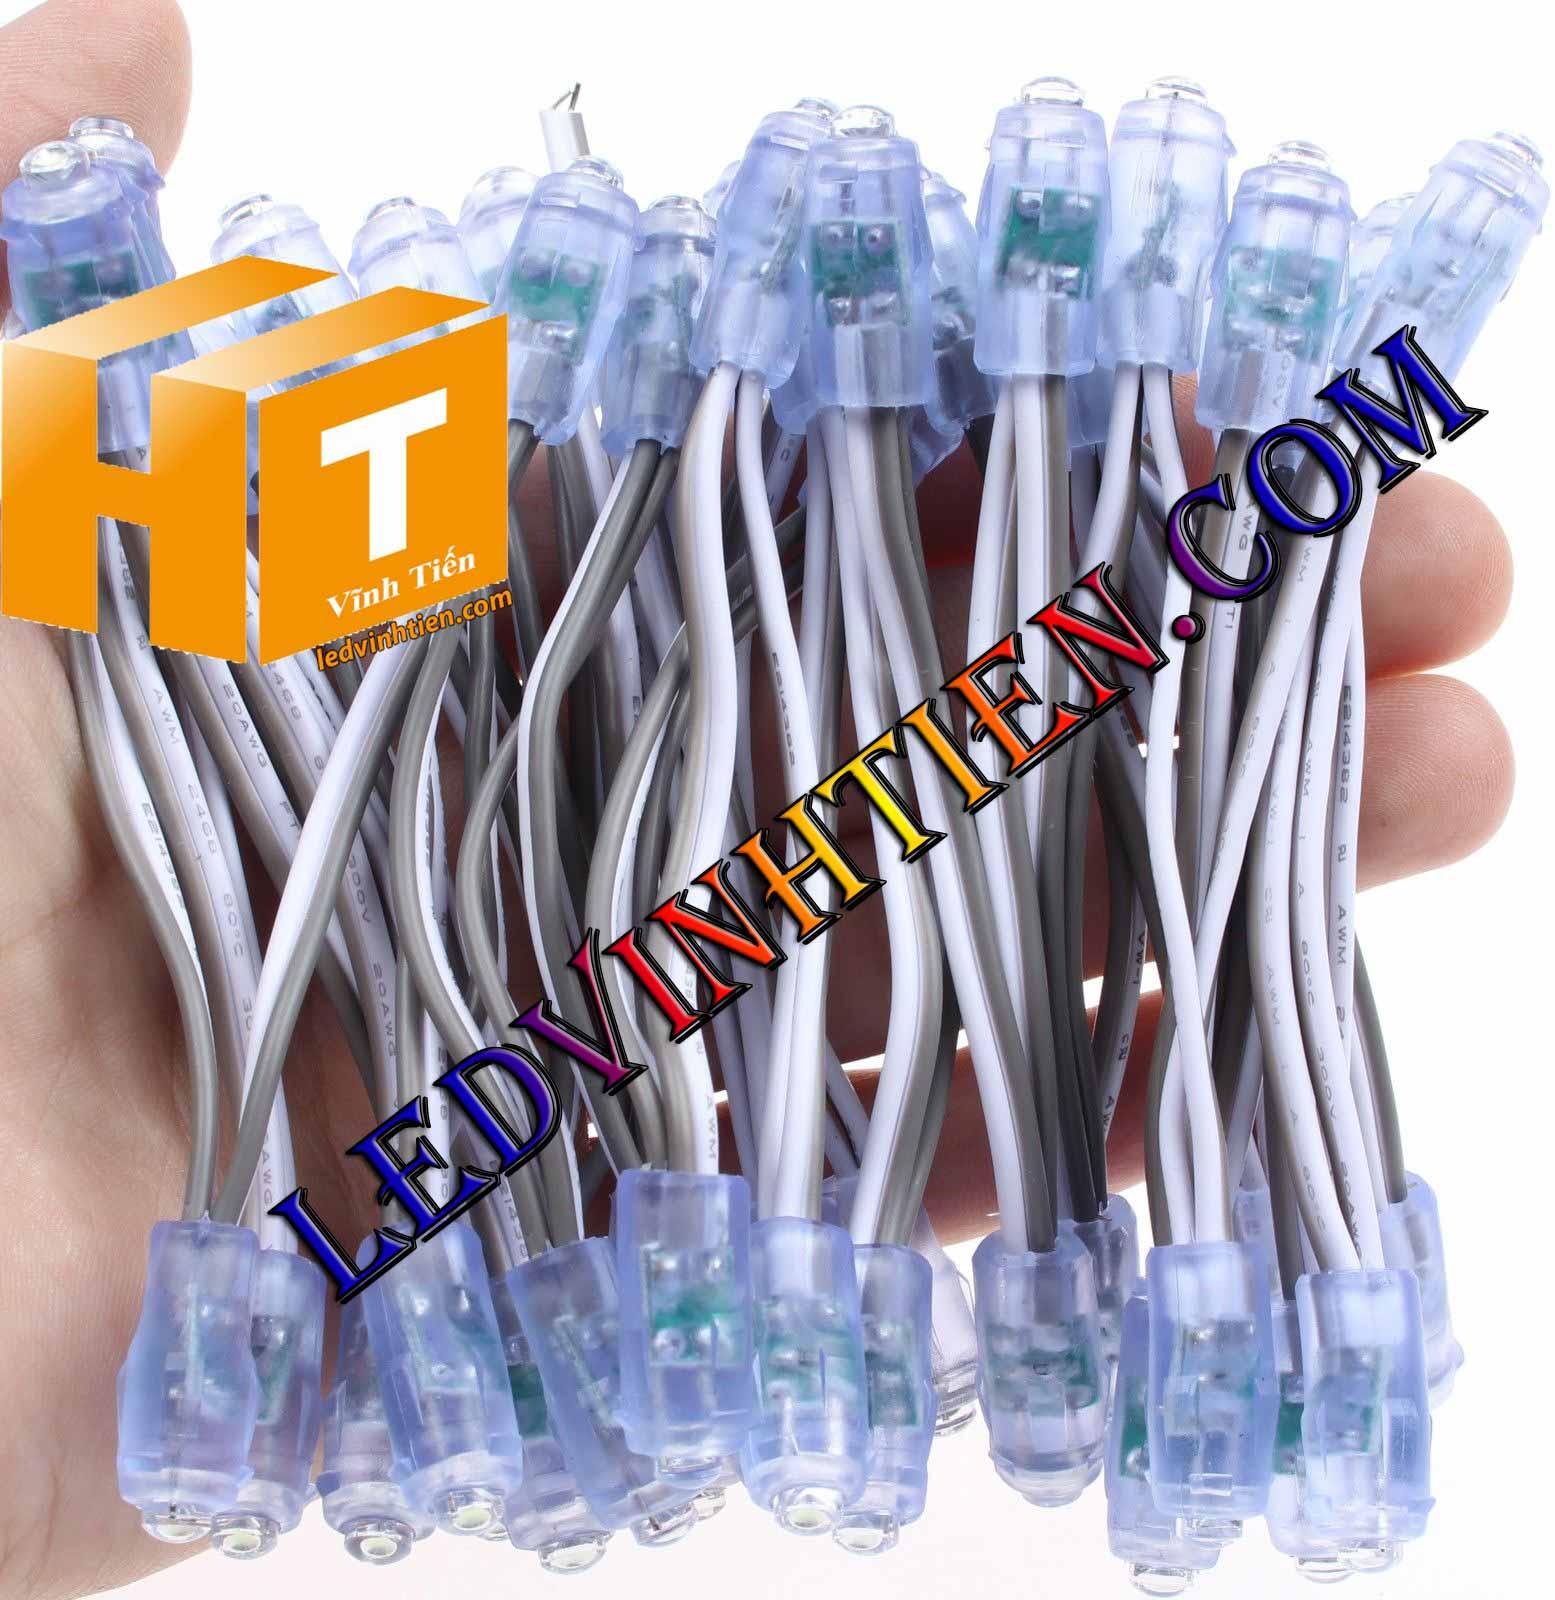 bóng Led đúc F5 màu trắng loại tốt, giá rẻ, ngoài trời, Ledvinhtien.com